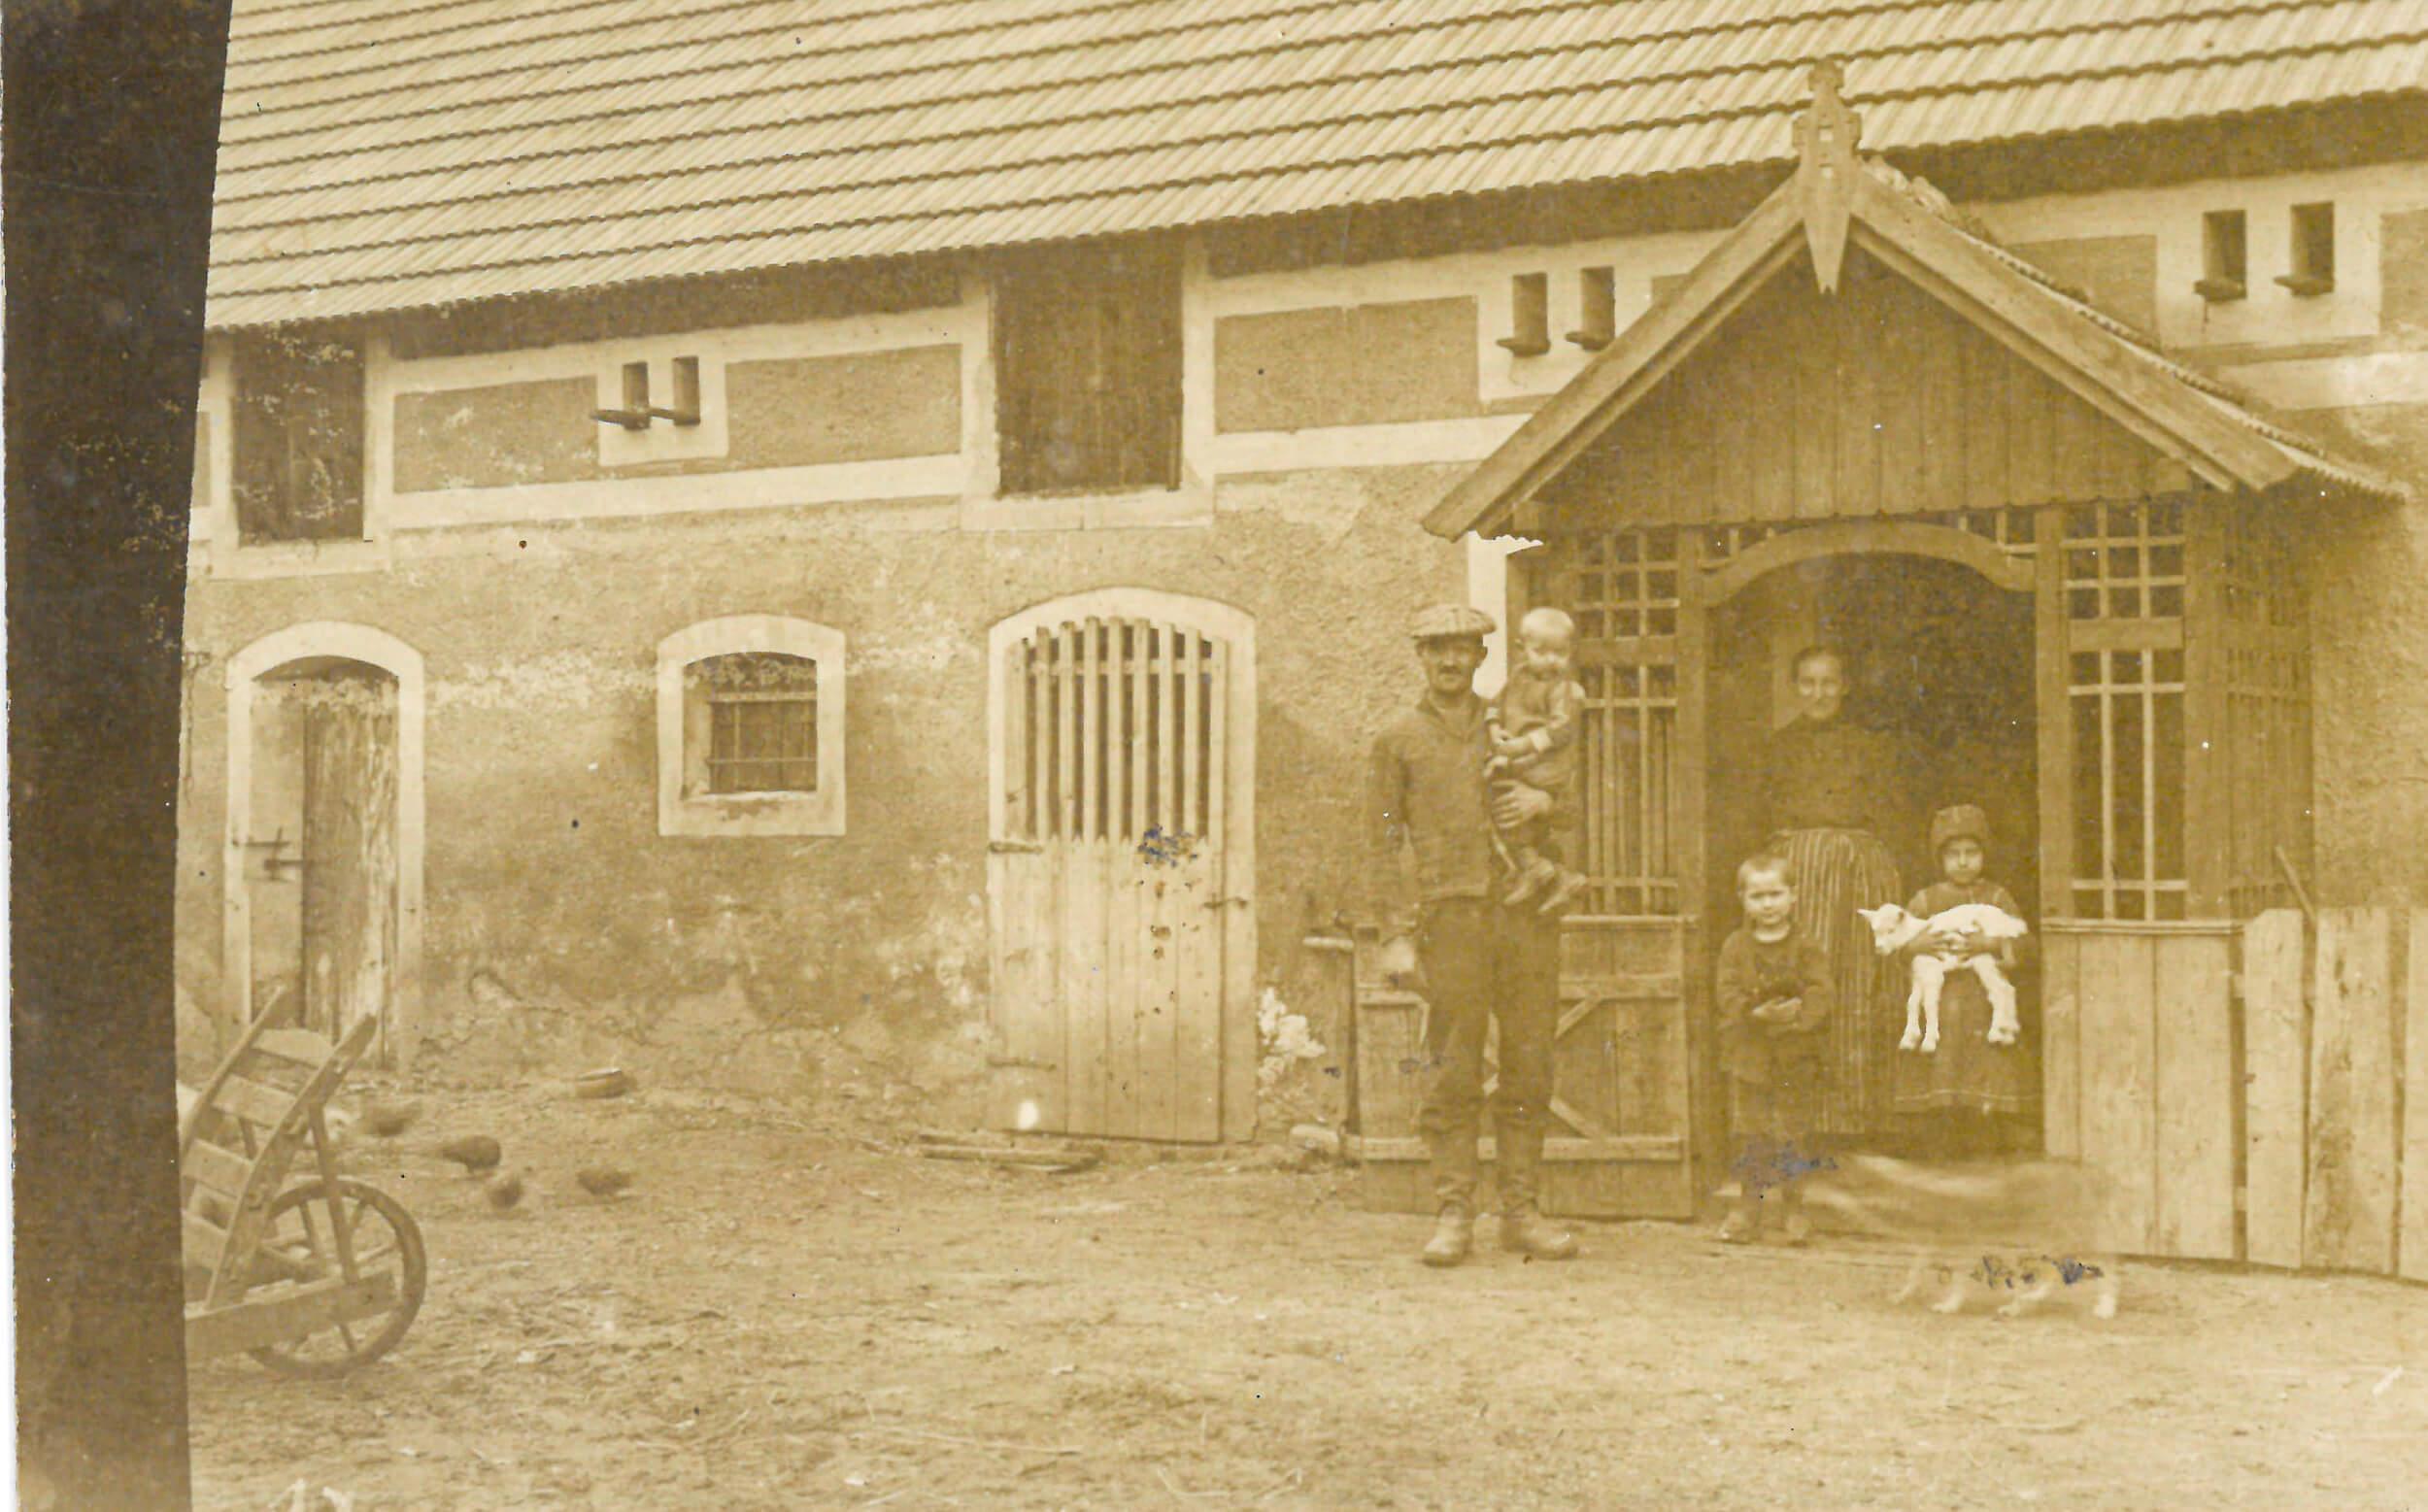 Papraołpa Paul i prapraołma Marta ze trzóma chłopcóma przy laubie nowo wybudowanego budynku.